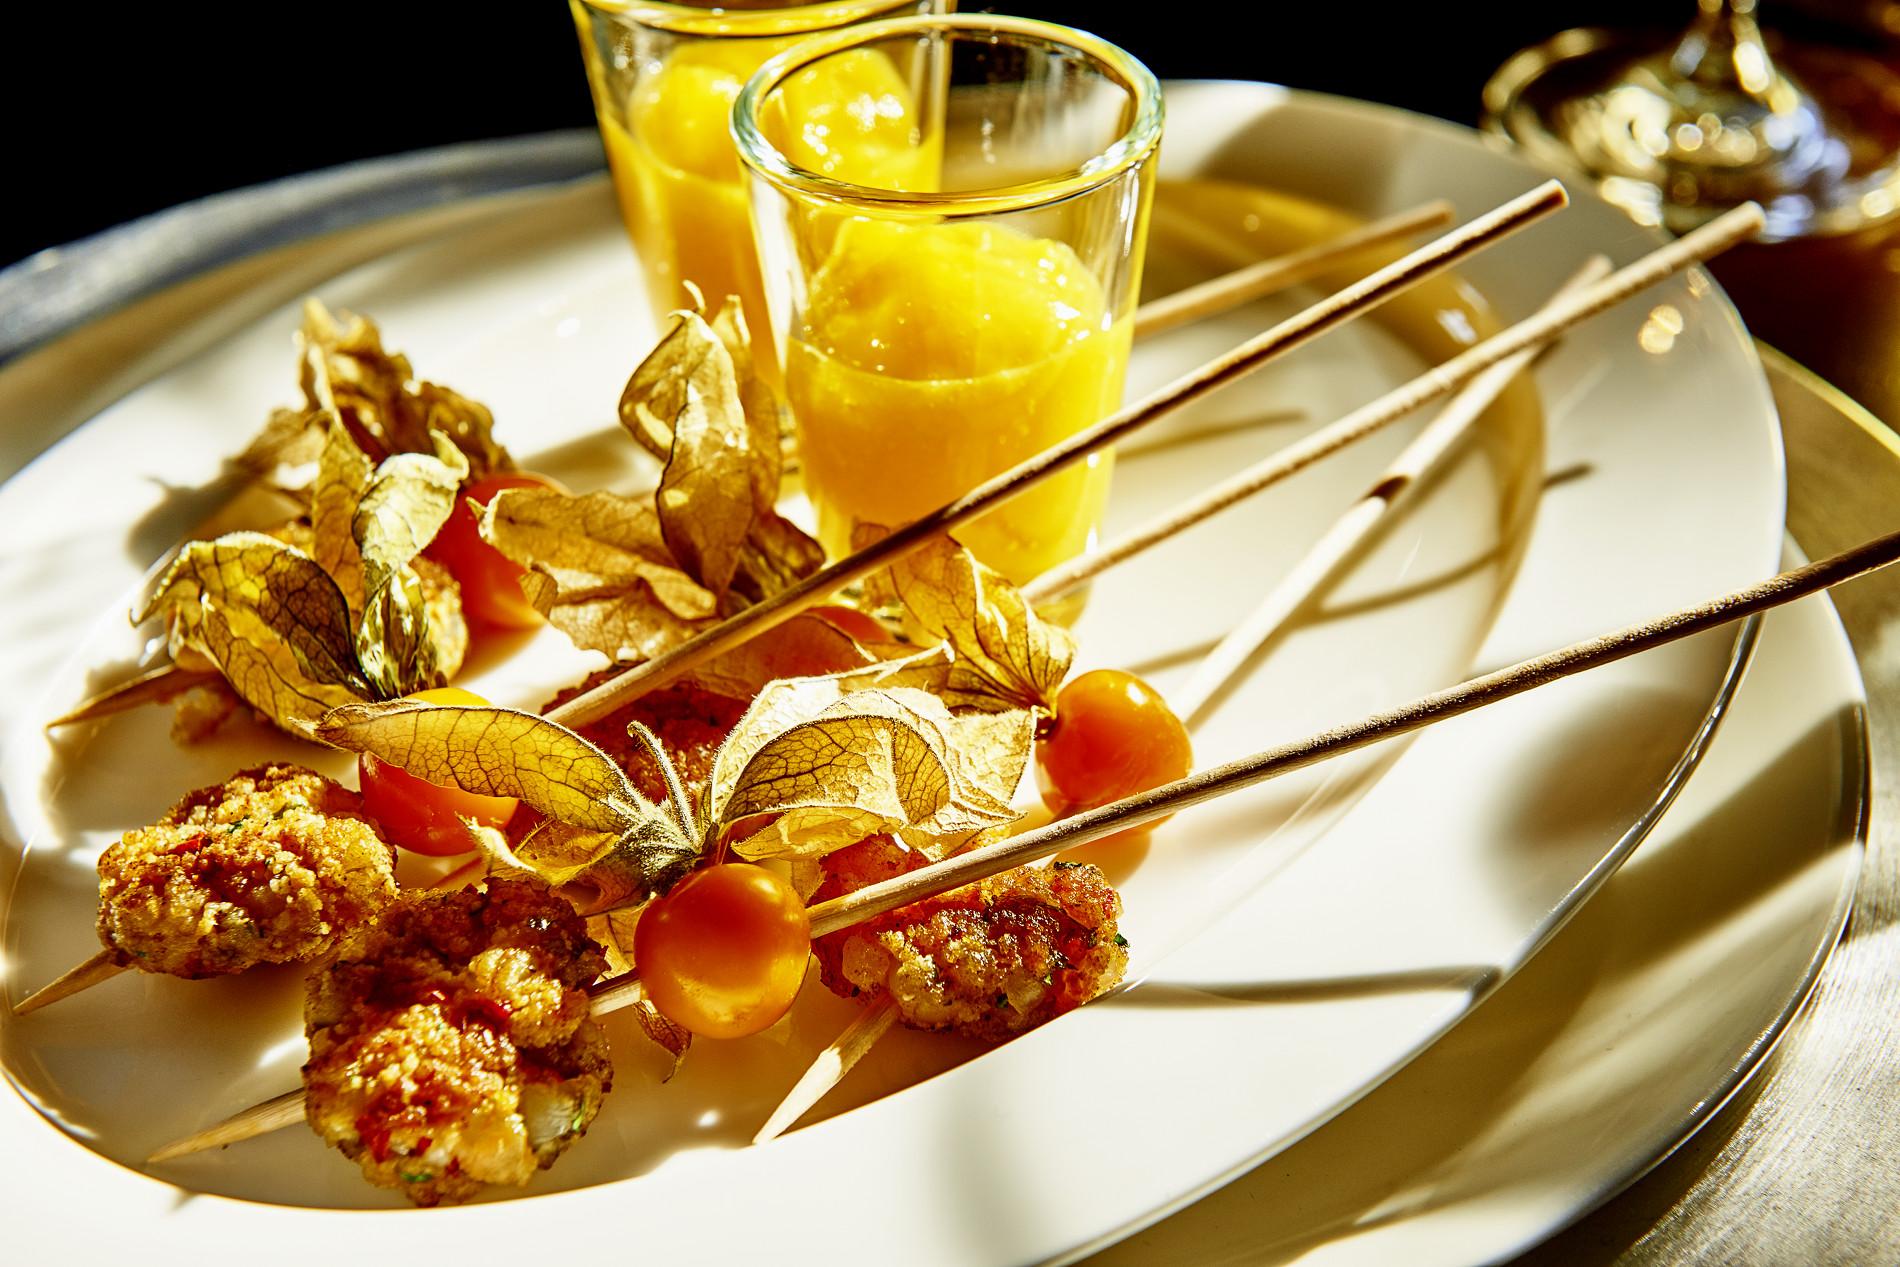 Lollipop von der Garnele mit Mangoshot